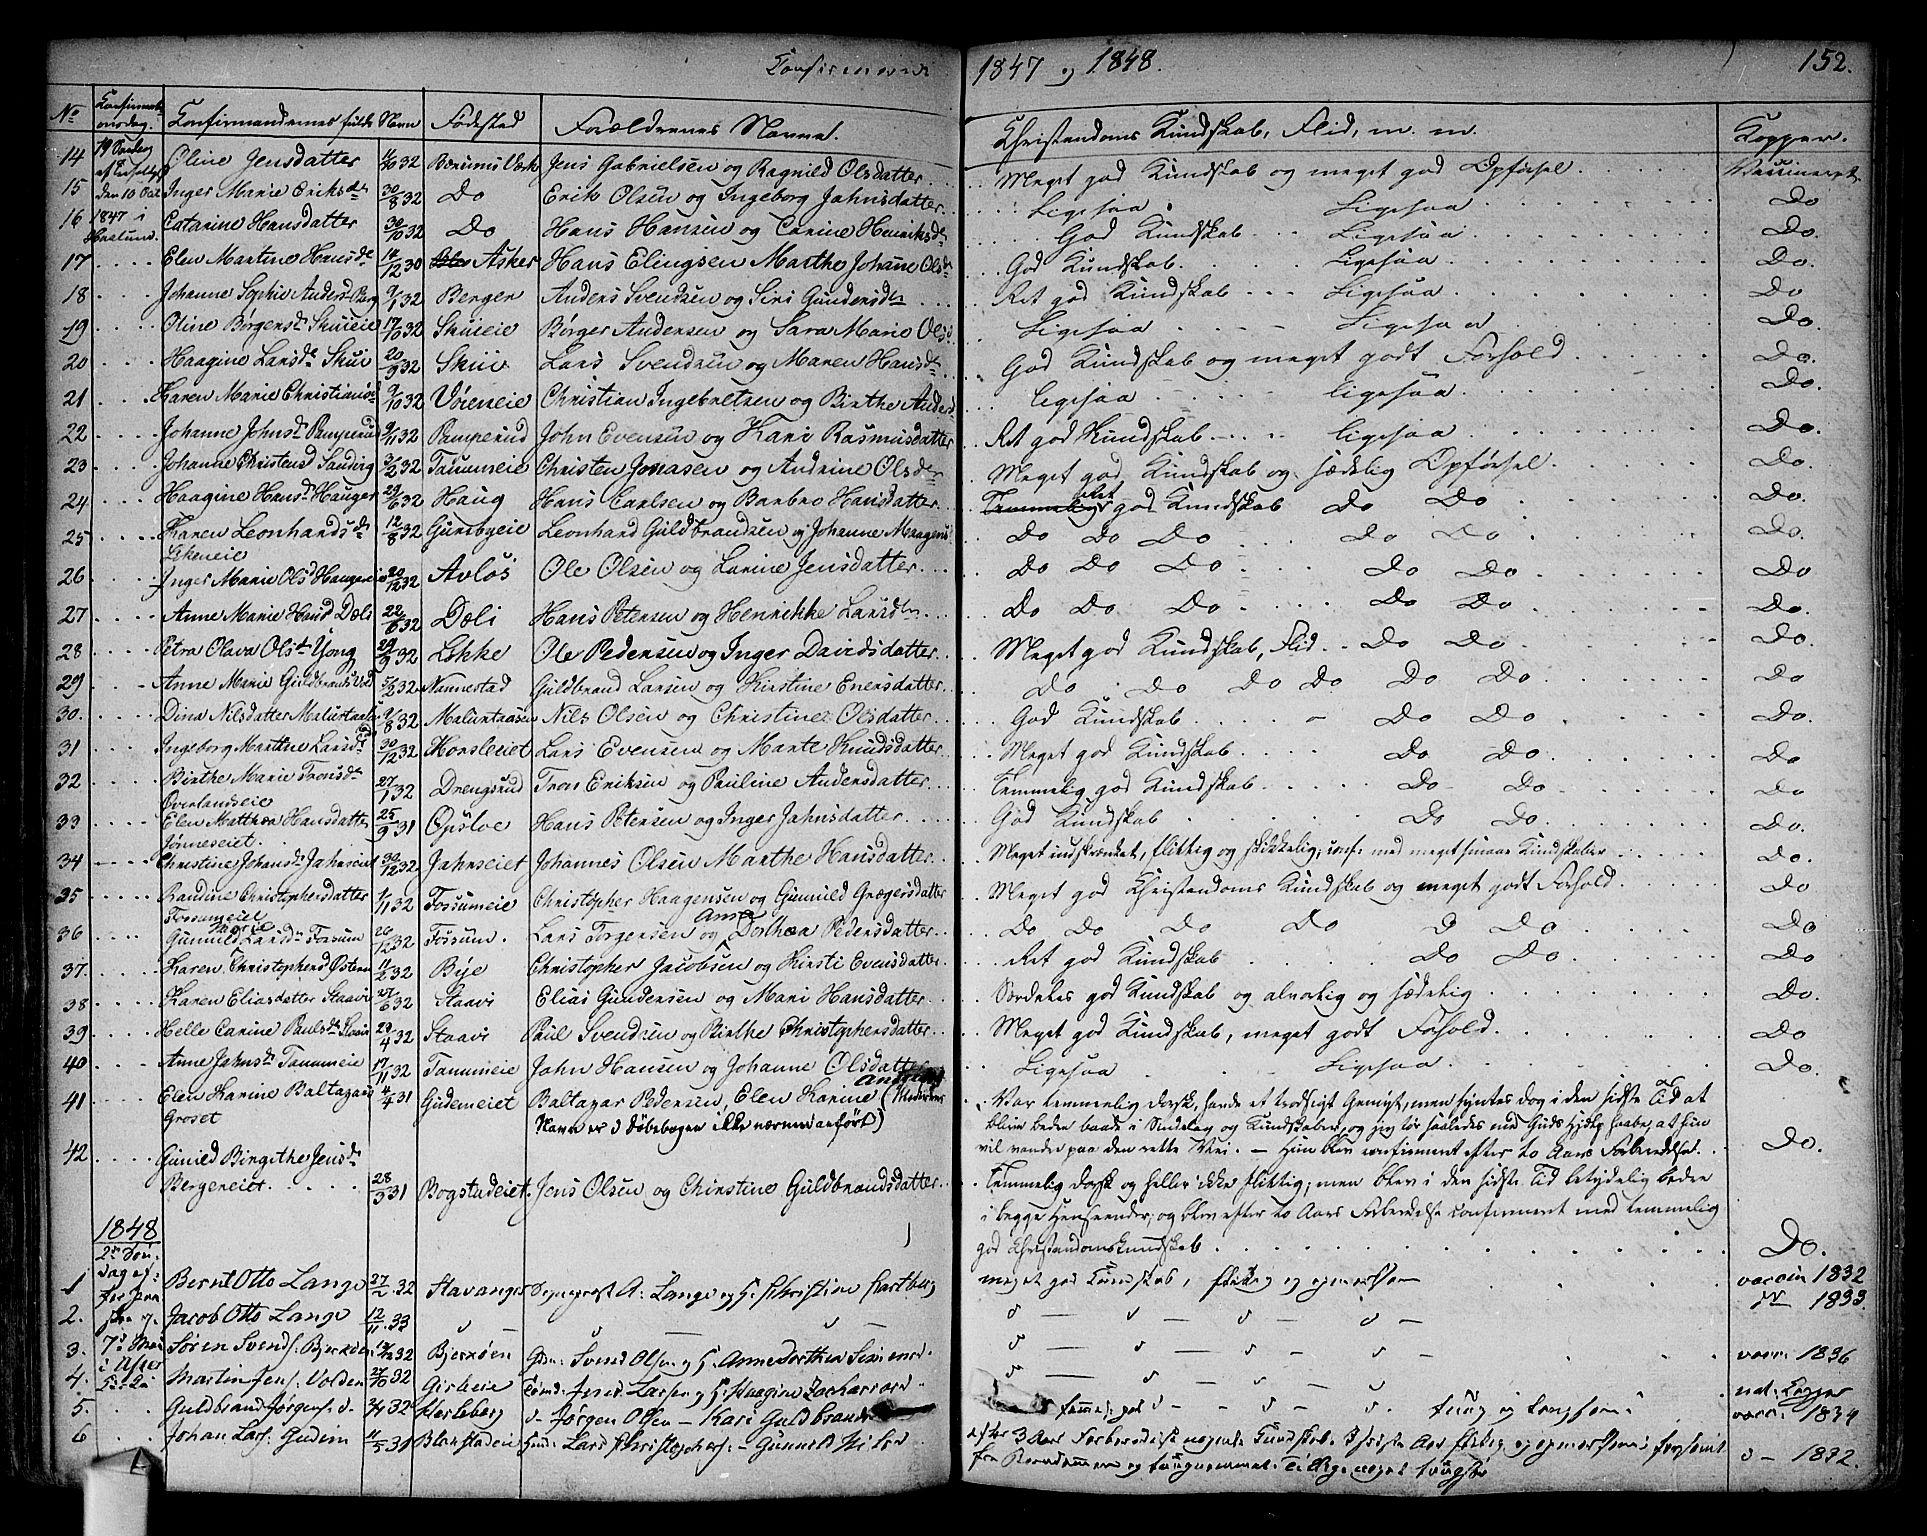 SAO, Asker prestekontor Kirkebøker, F/Fa/L0009: Ministerialbok nr. I 9, 1825-1878, s. 152